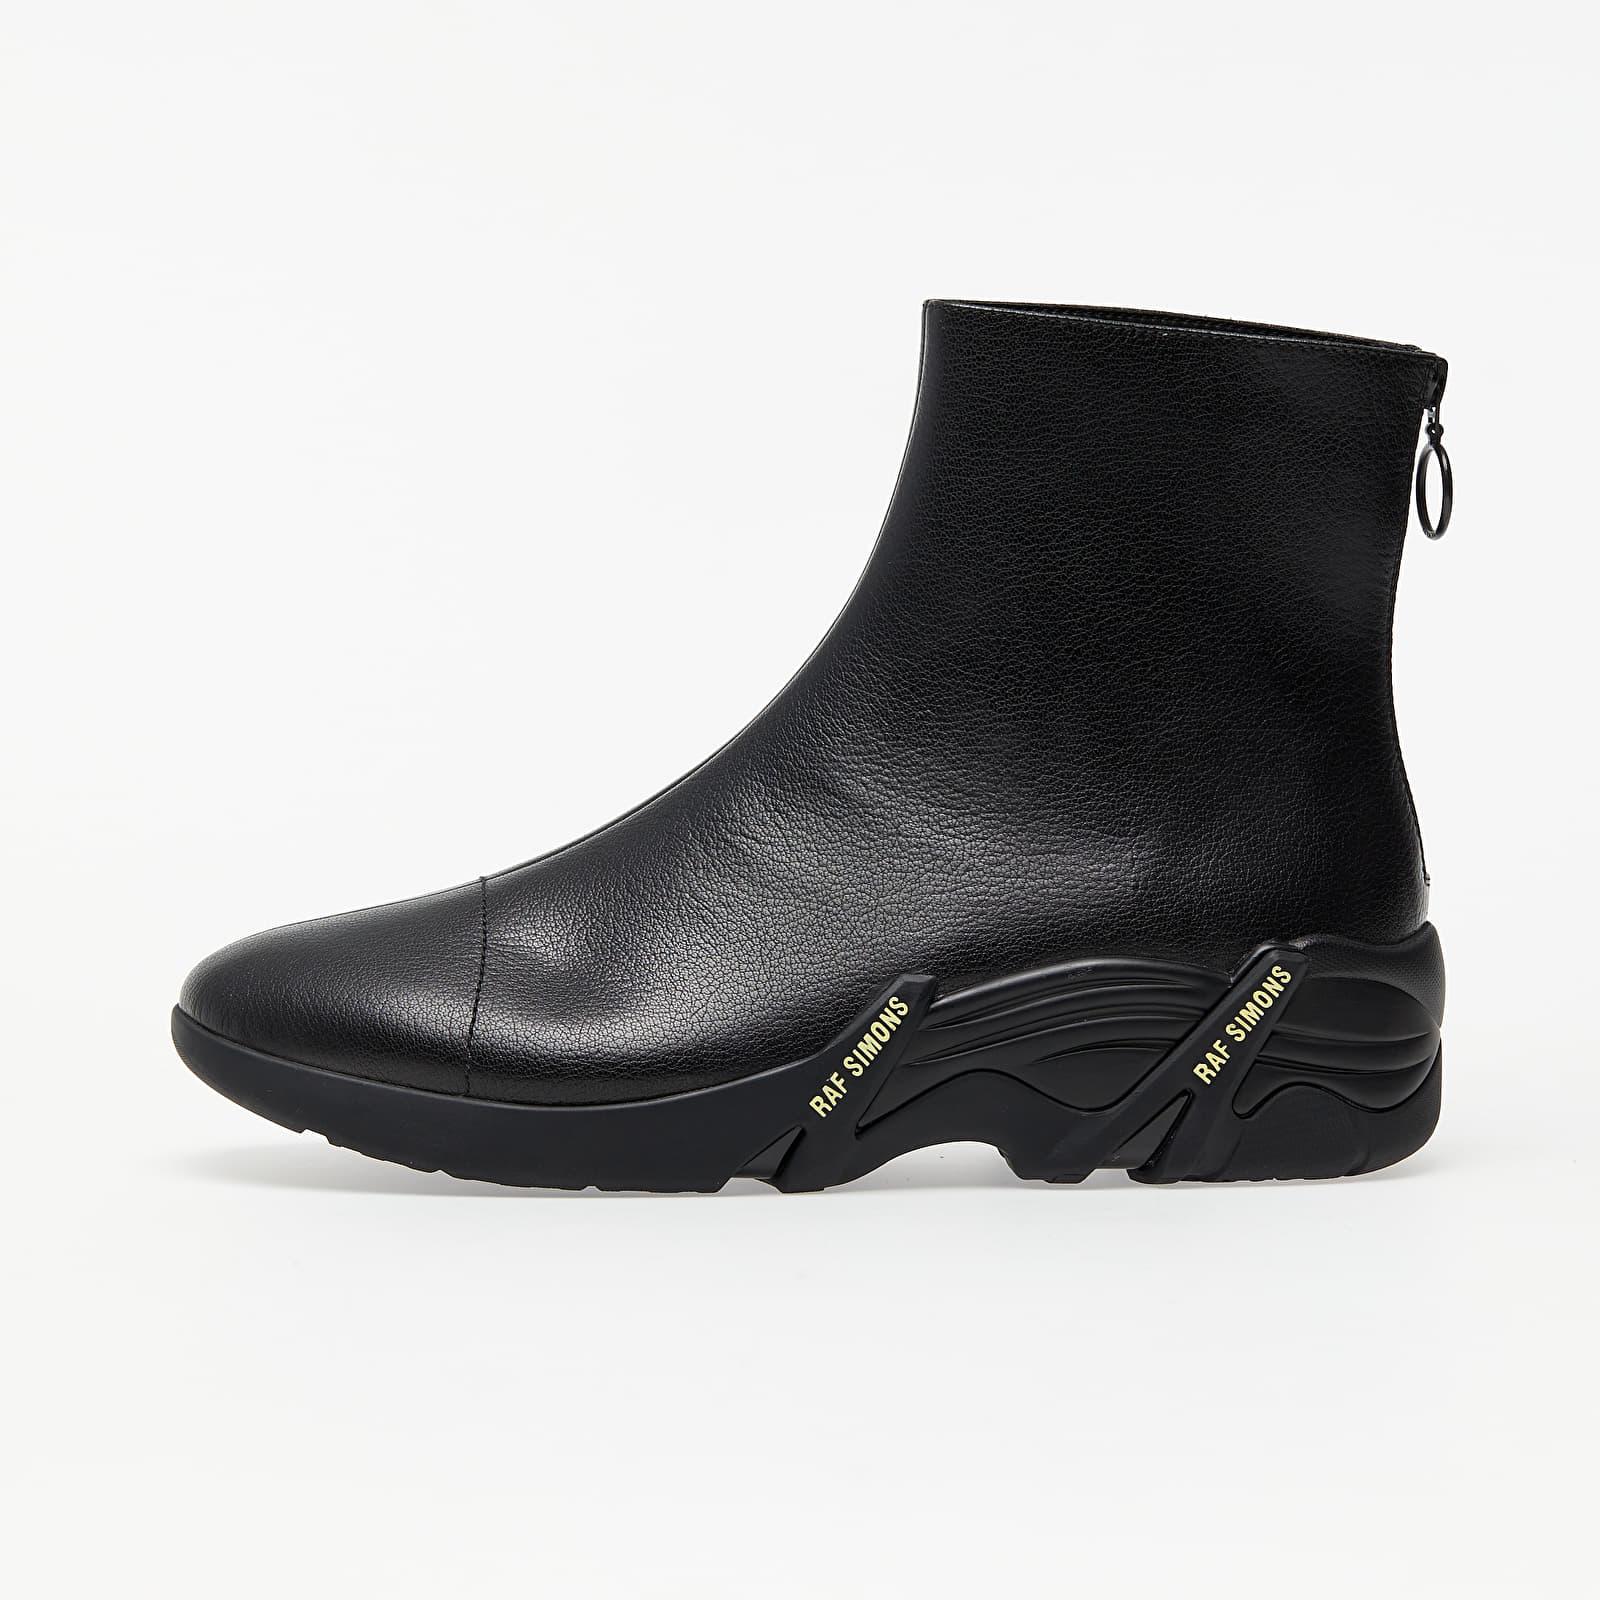 Încălțăminte și sneakerși pentru bărbați Raf Simons Cylon Black